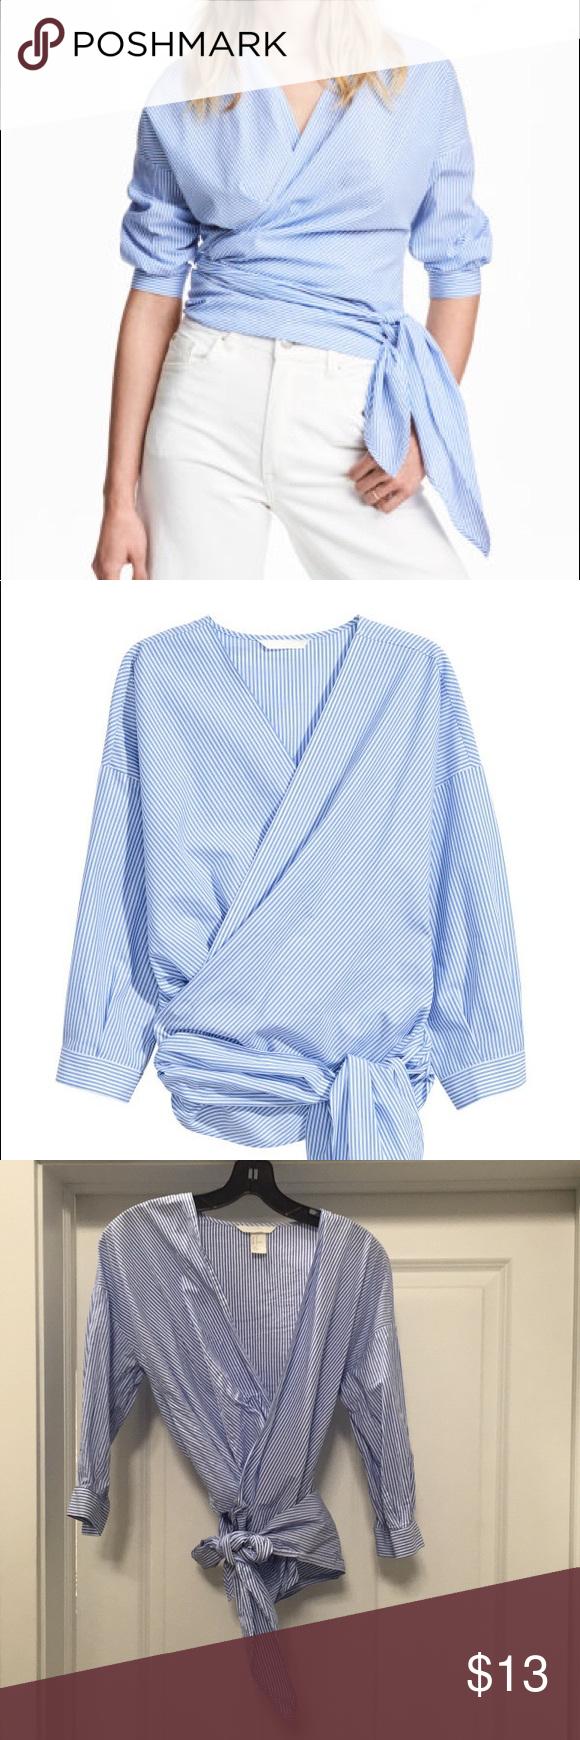 H\u0026M Striped Wrap Top | Clothes design